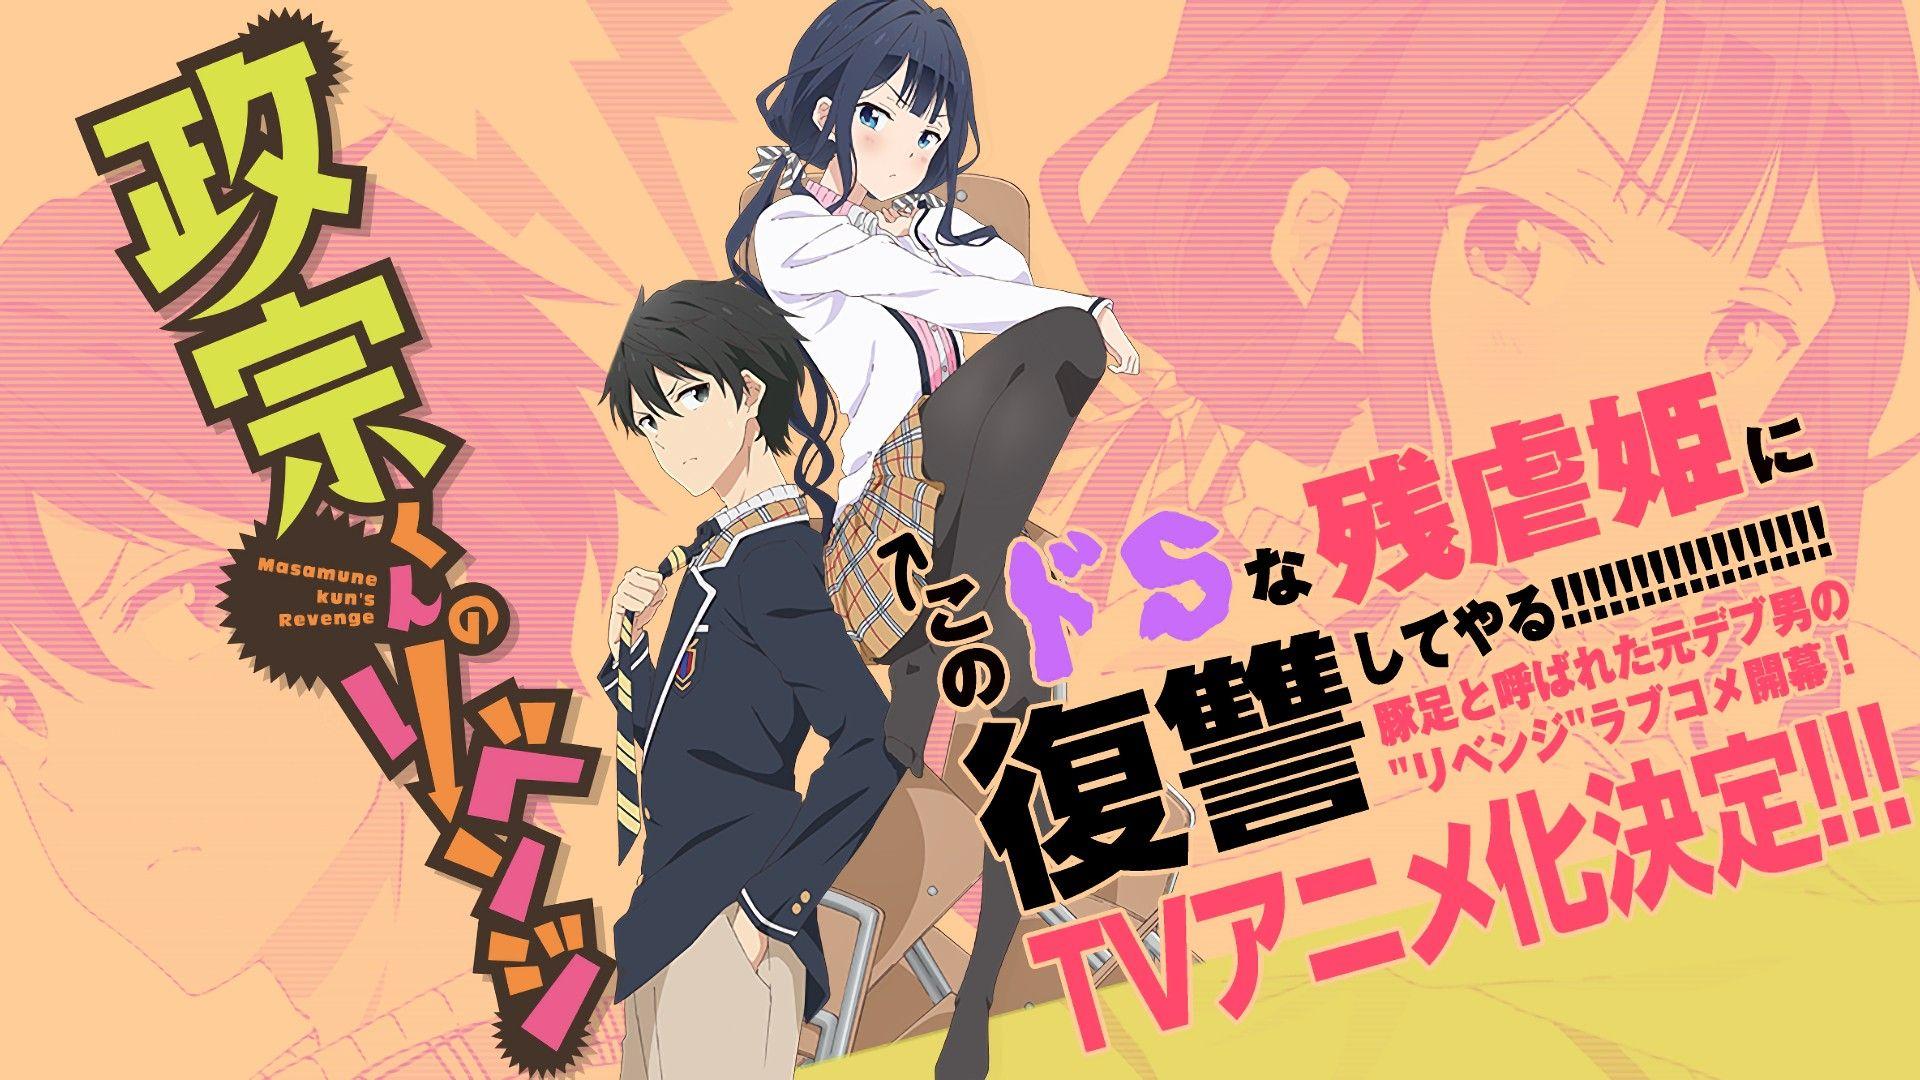 Raphtalia hug [The Rising of the Shield Hero] Anime hug